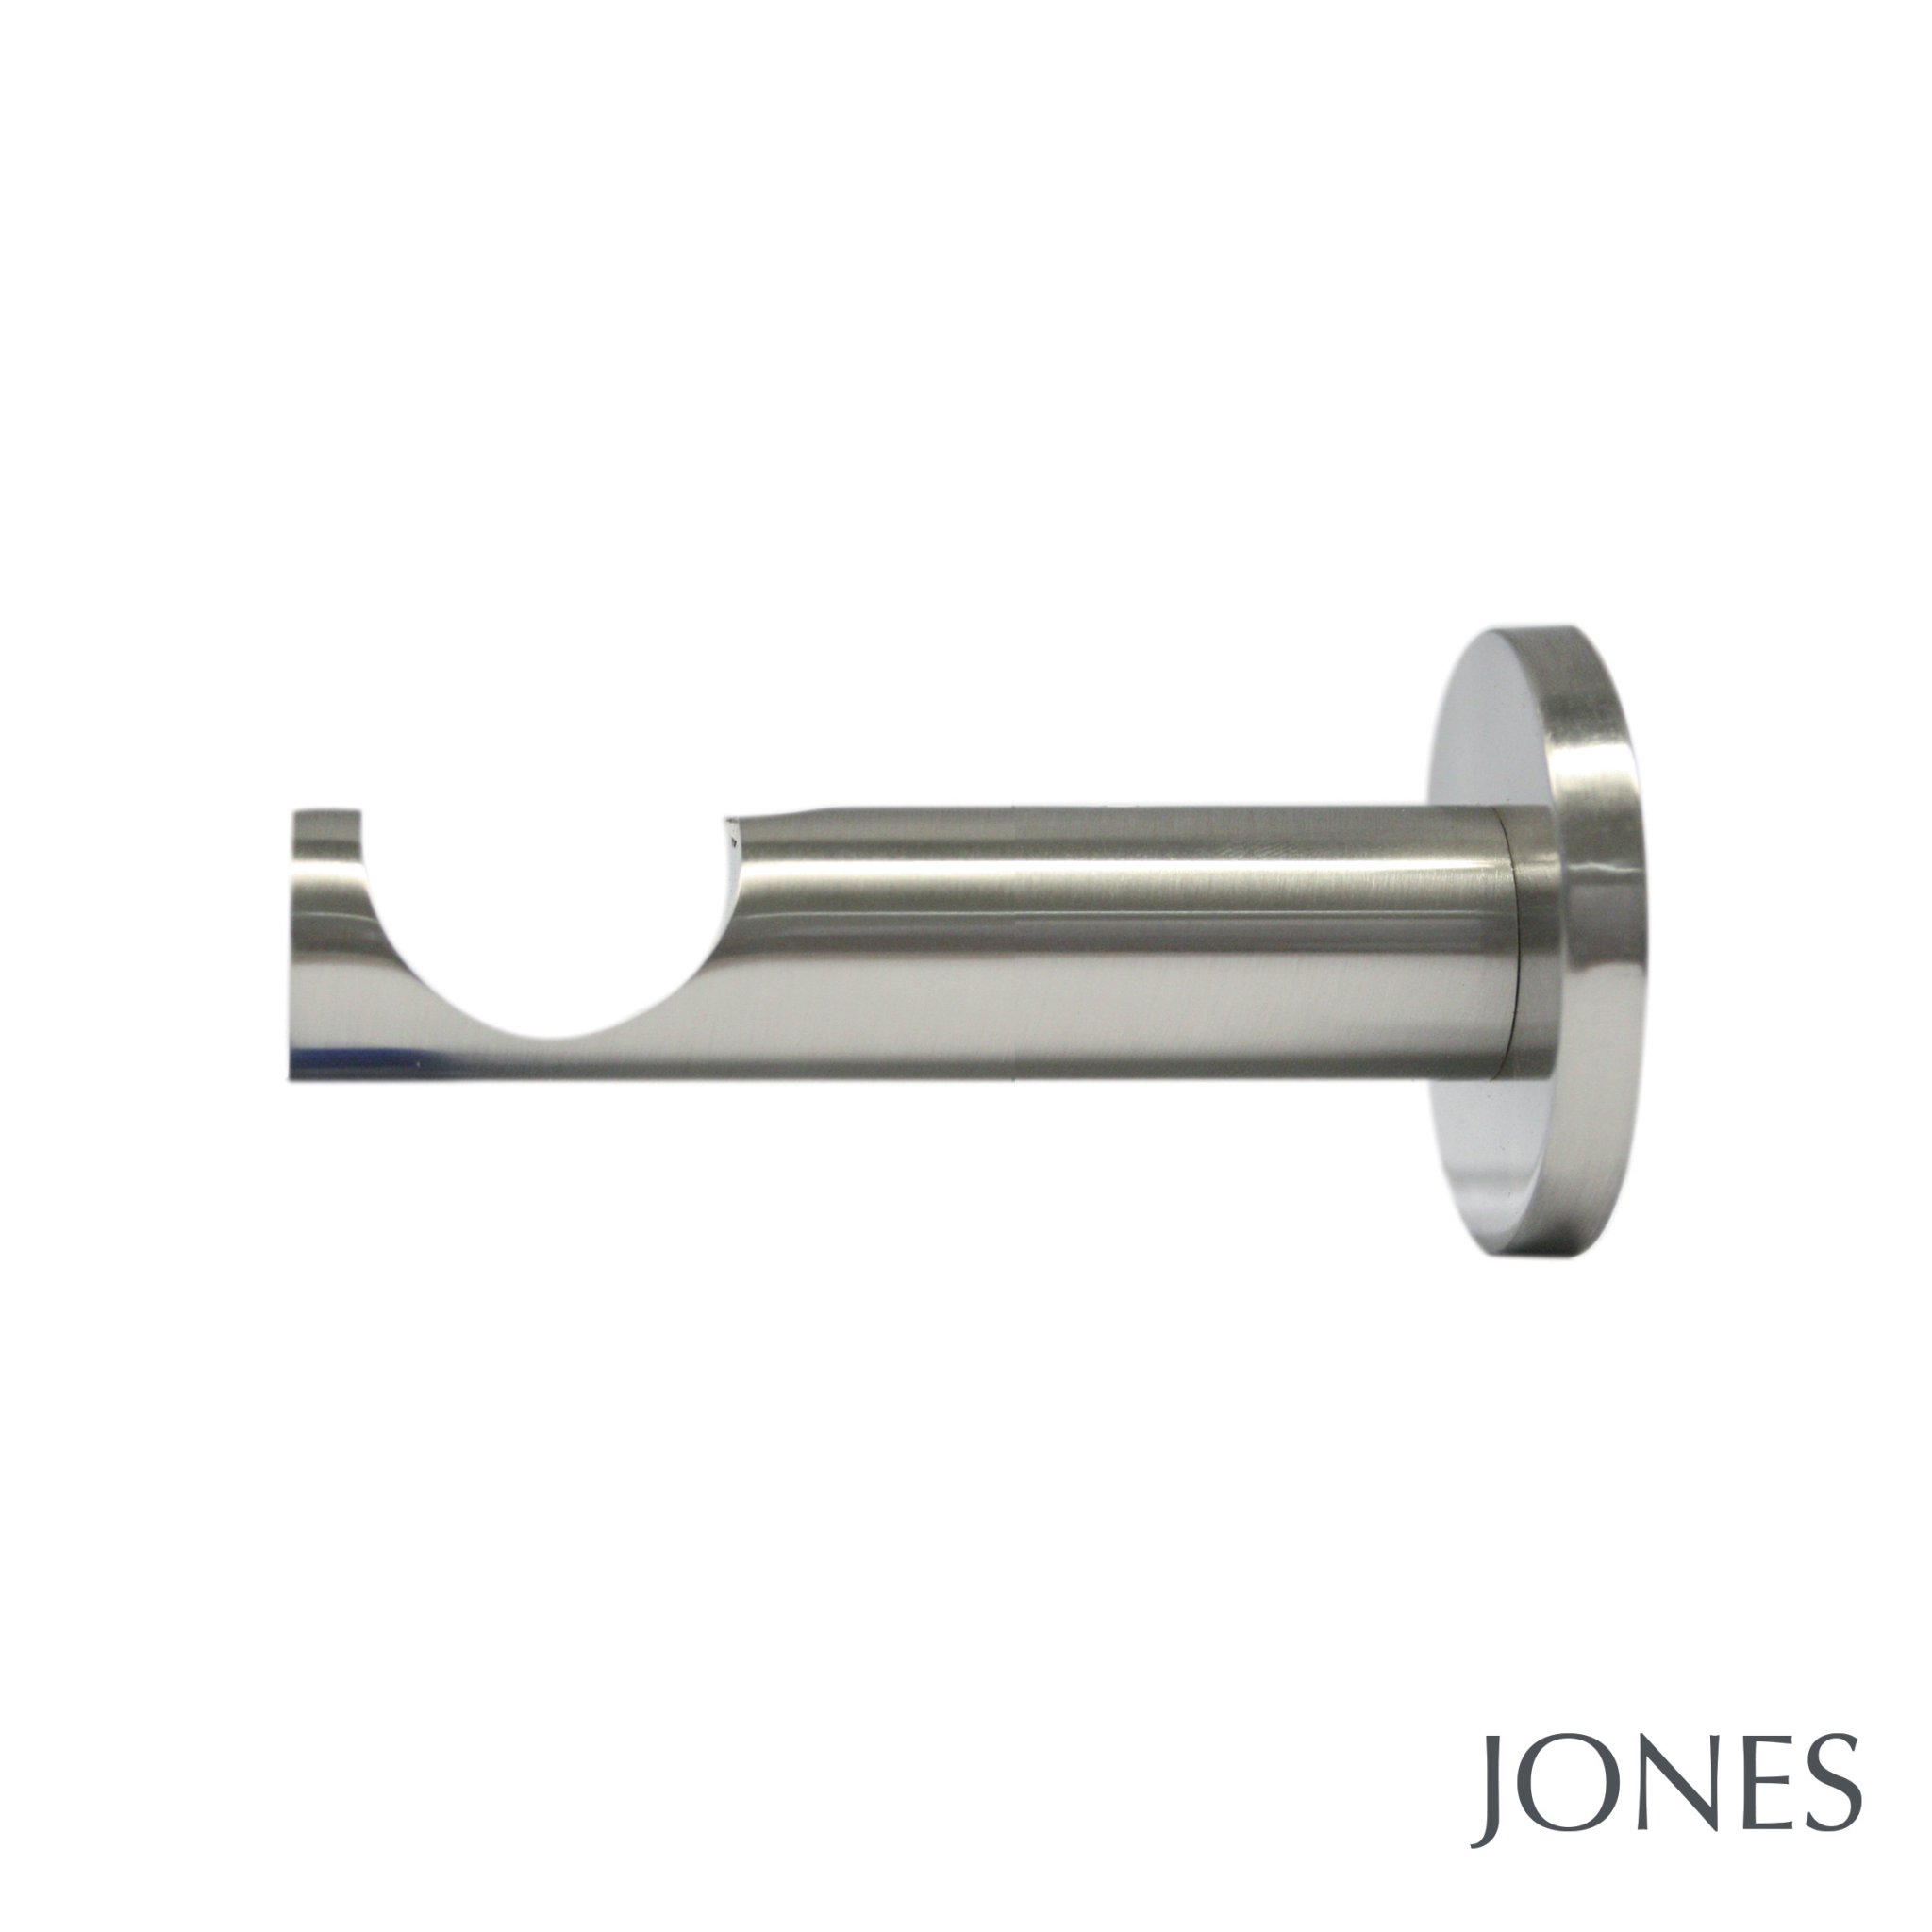 Jones Lunar 28mm 7cm Brackets